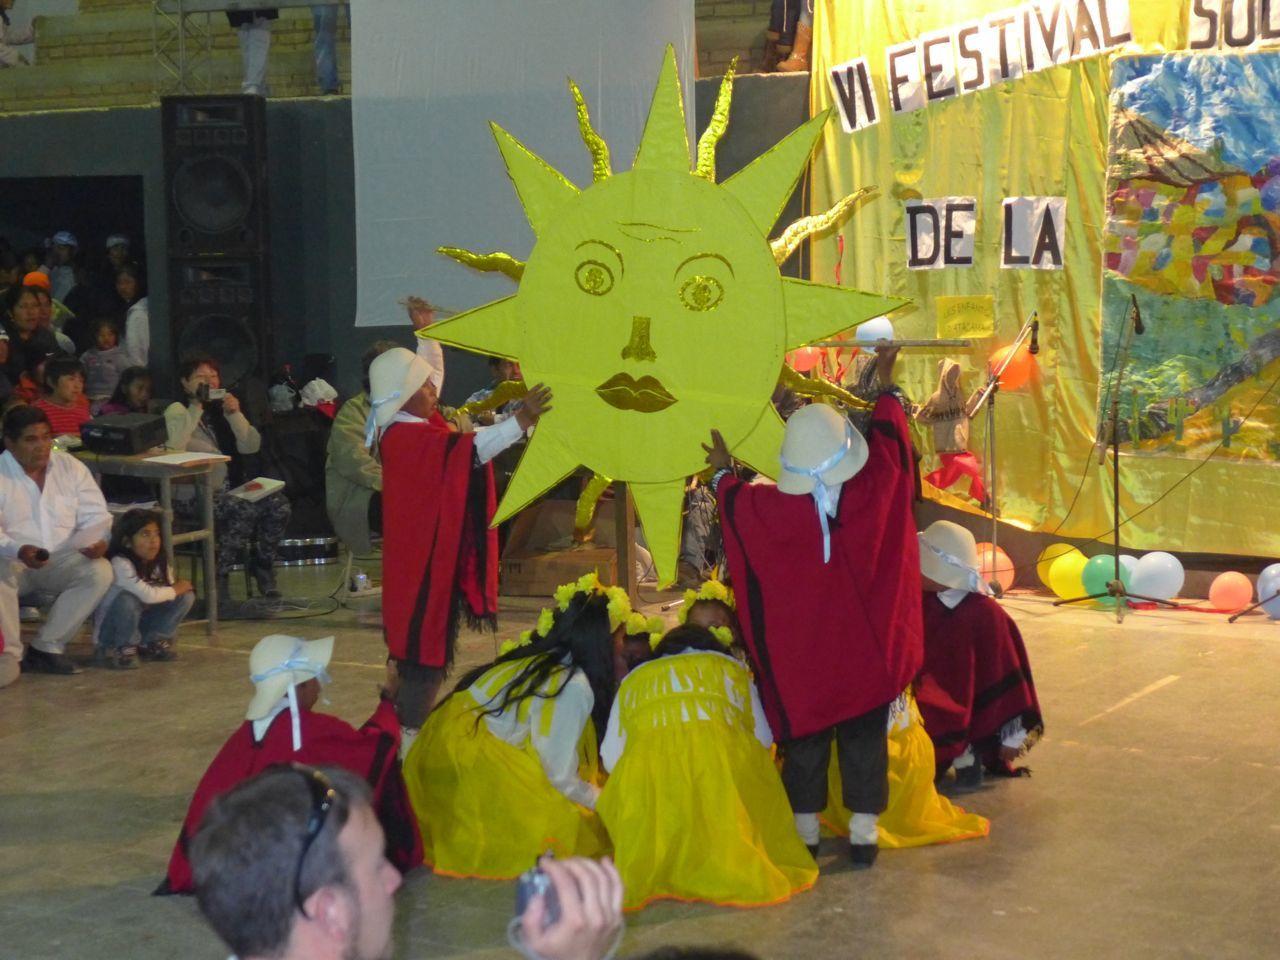 Le festival des niños de la Puna